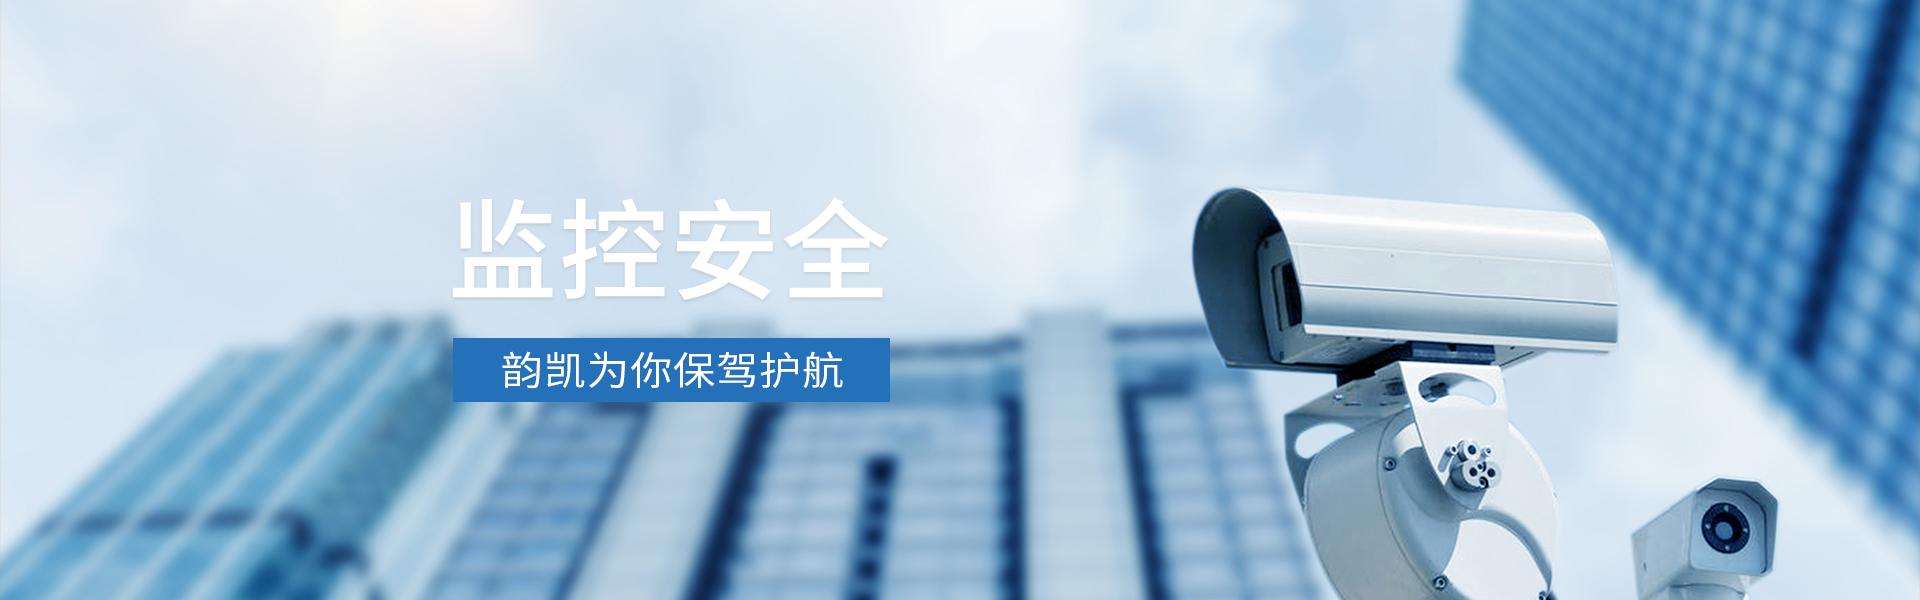 上海安防工程